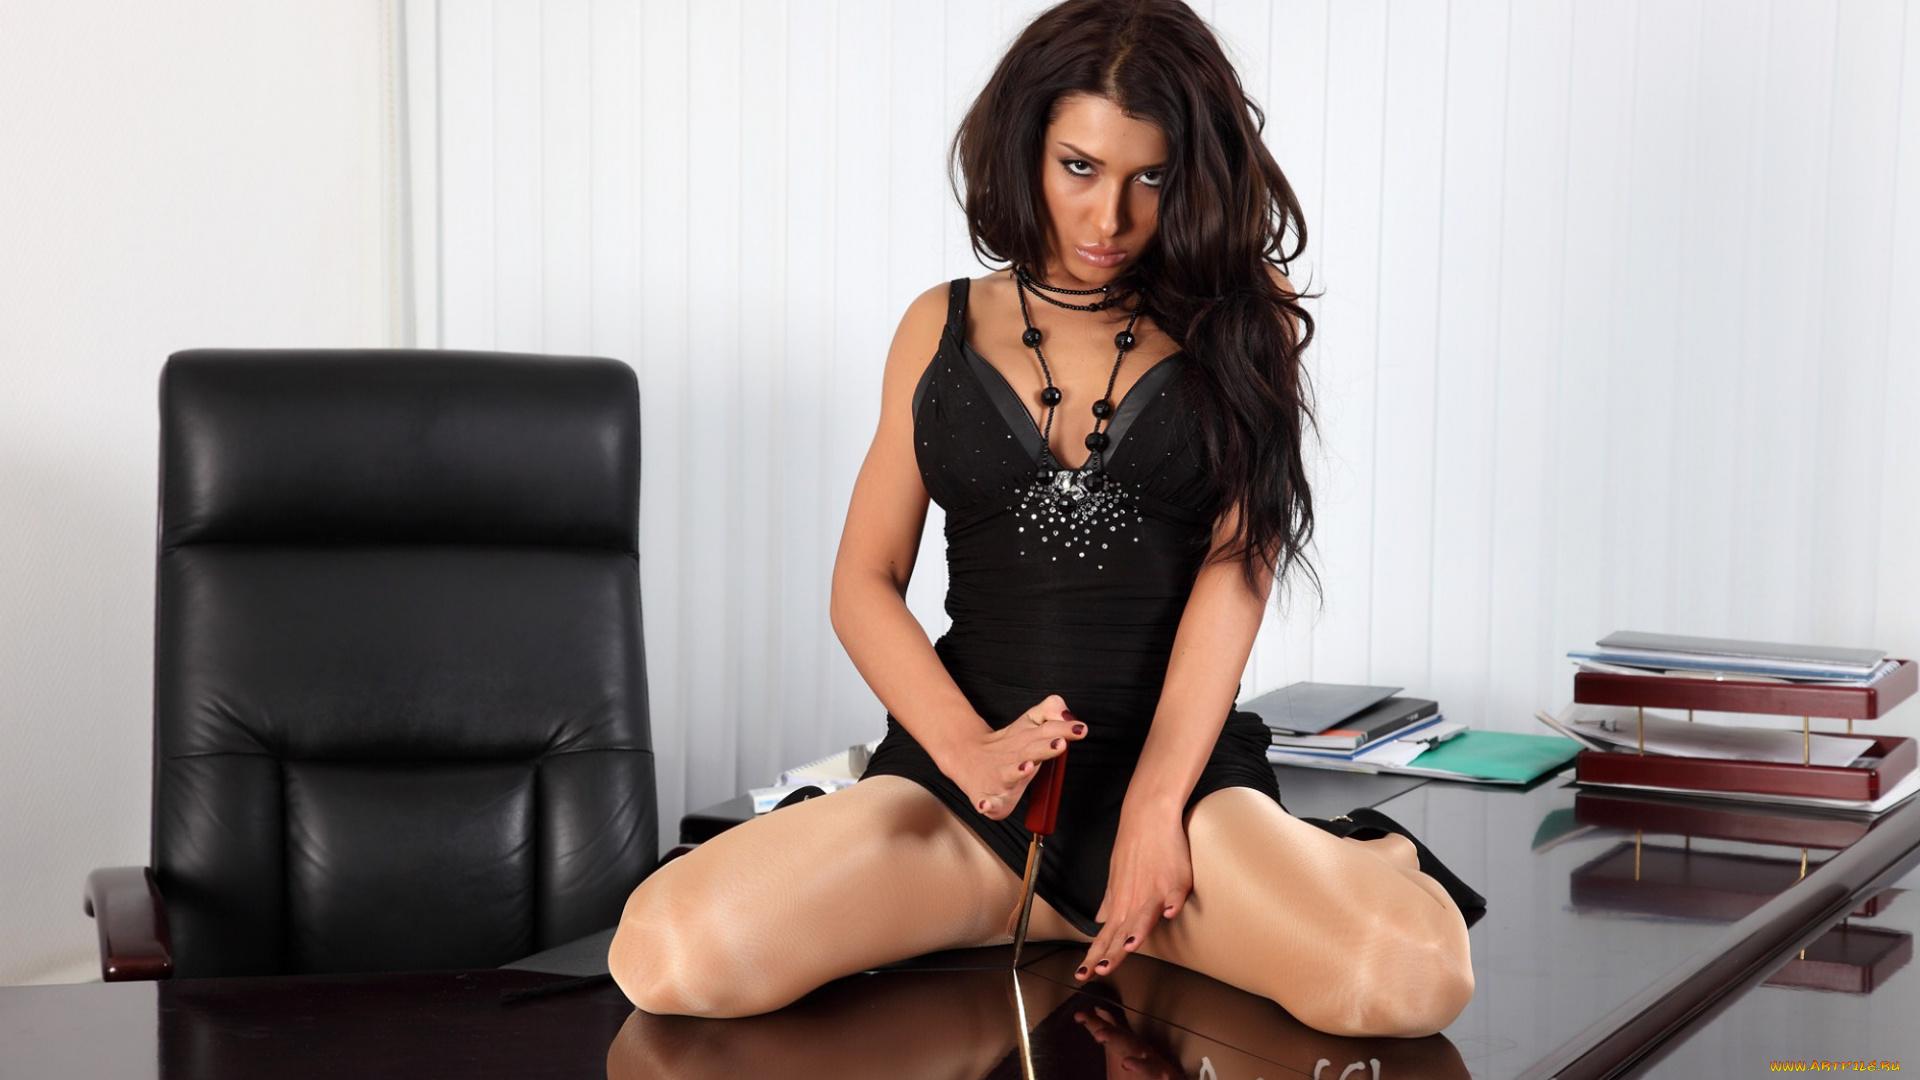 Брюнетка Угождает Строгому Боссу Отменным Сексом В Офисе